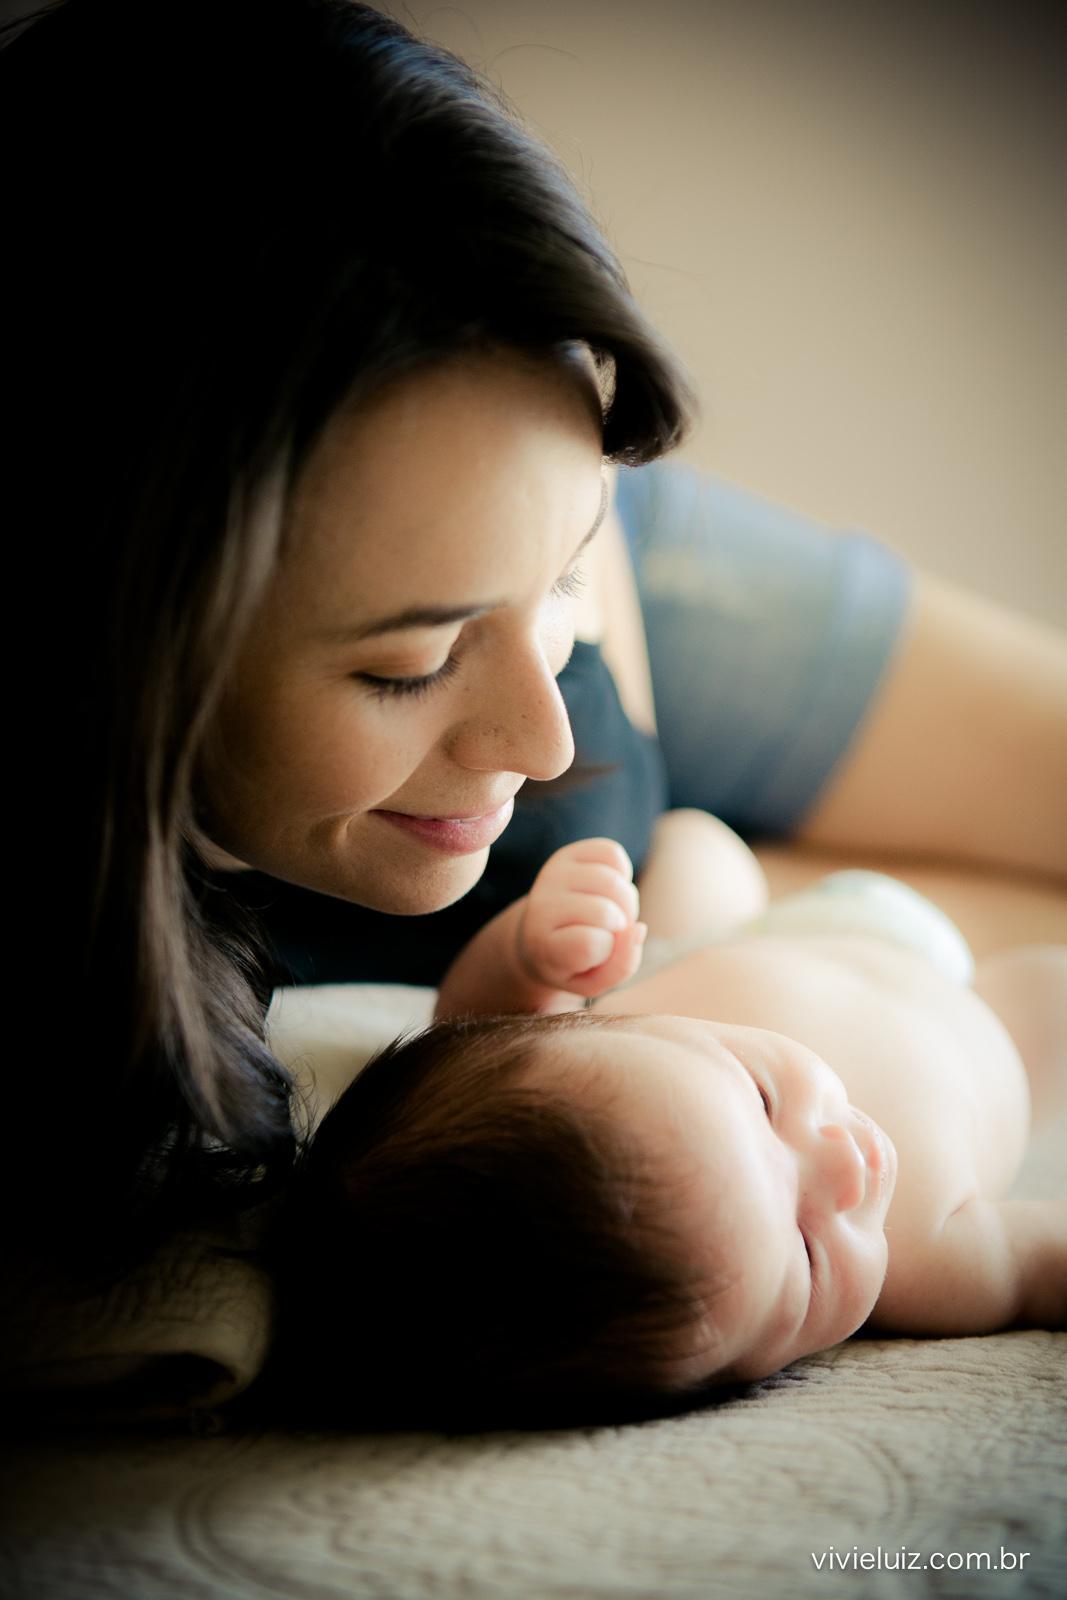 Mamãe apaixonada por filho